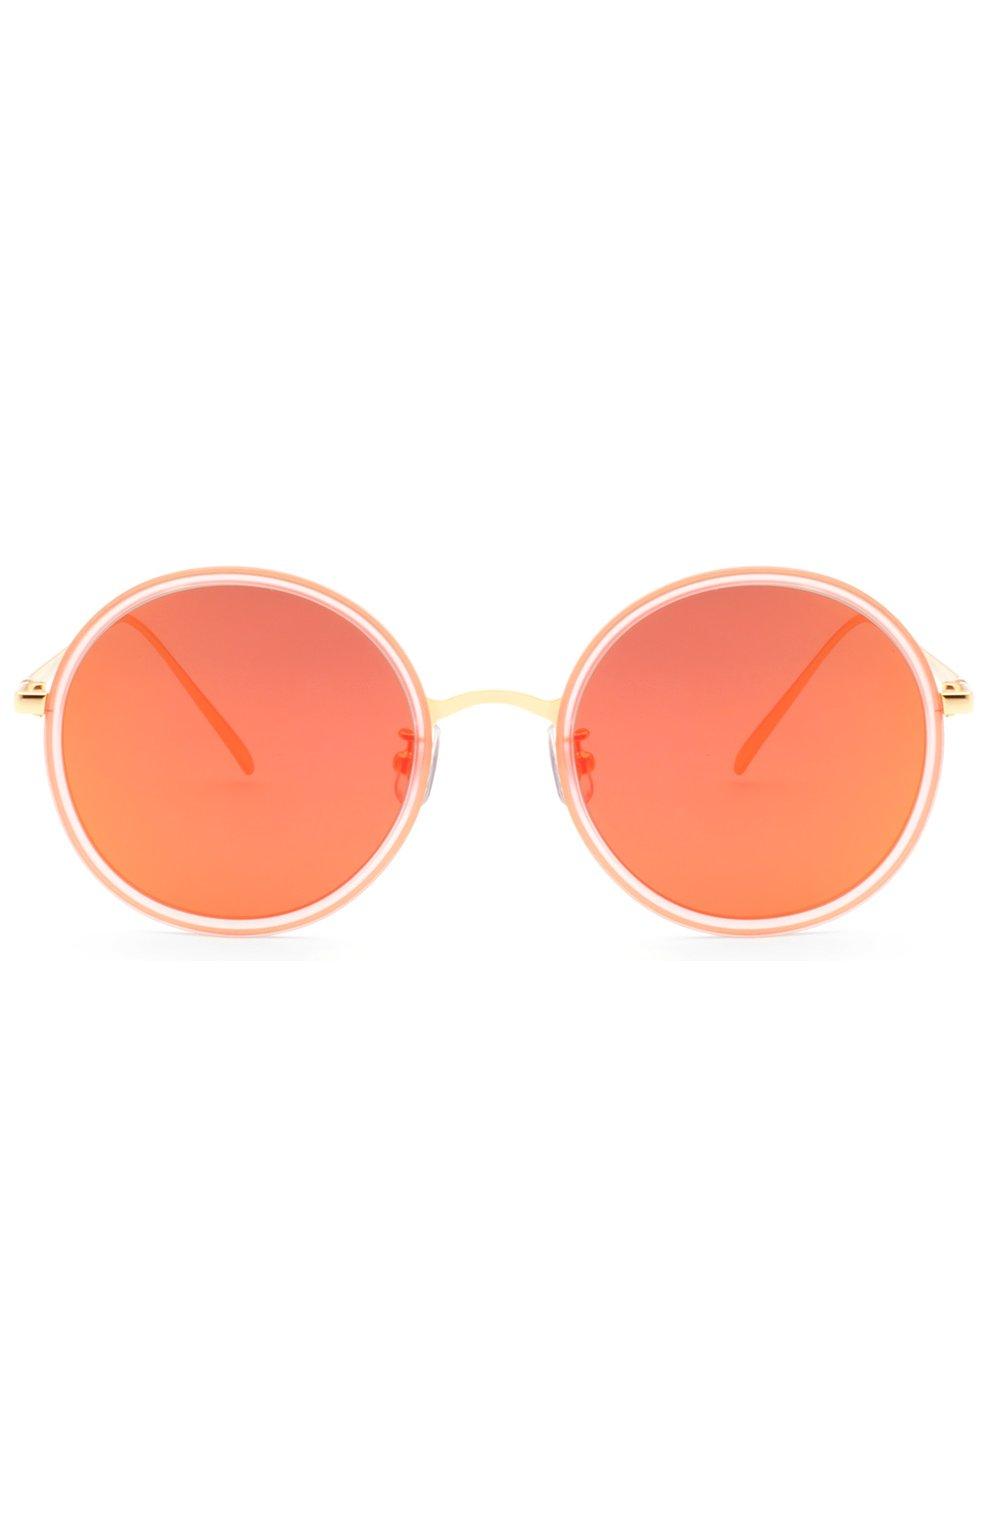 Женские очки солнцезащитные GENTLE MONSTER оранжевого цвета, арт. G0LD FISH 2 P1(M) | Фото 1